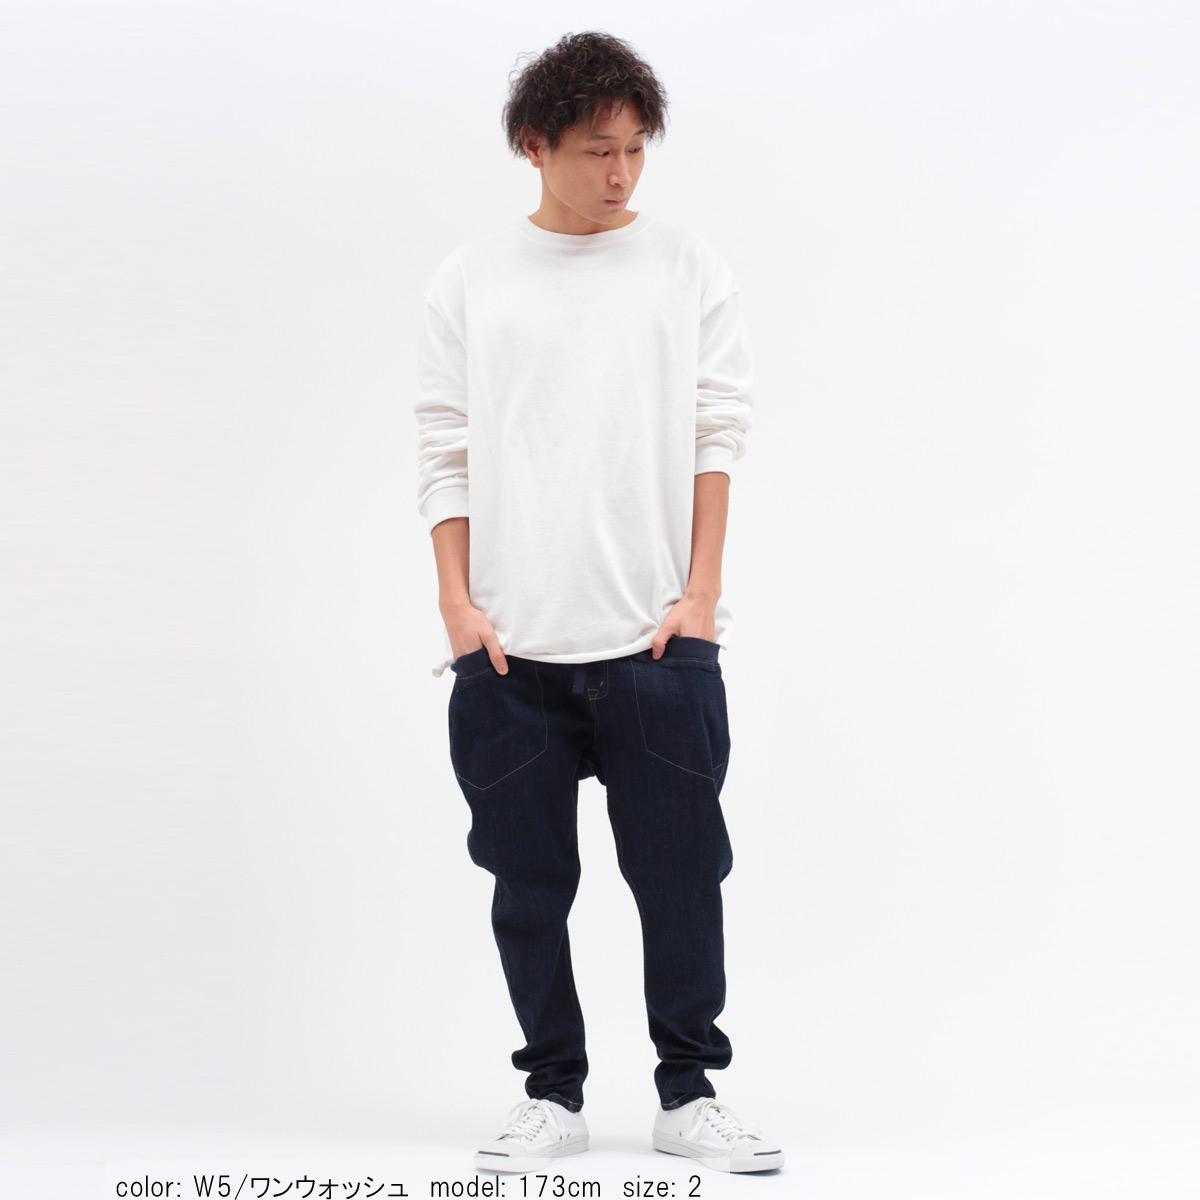 \返品送料無料/【メンズ】Cafetty サルエルスキニー CFM277